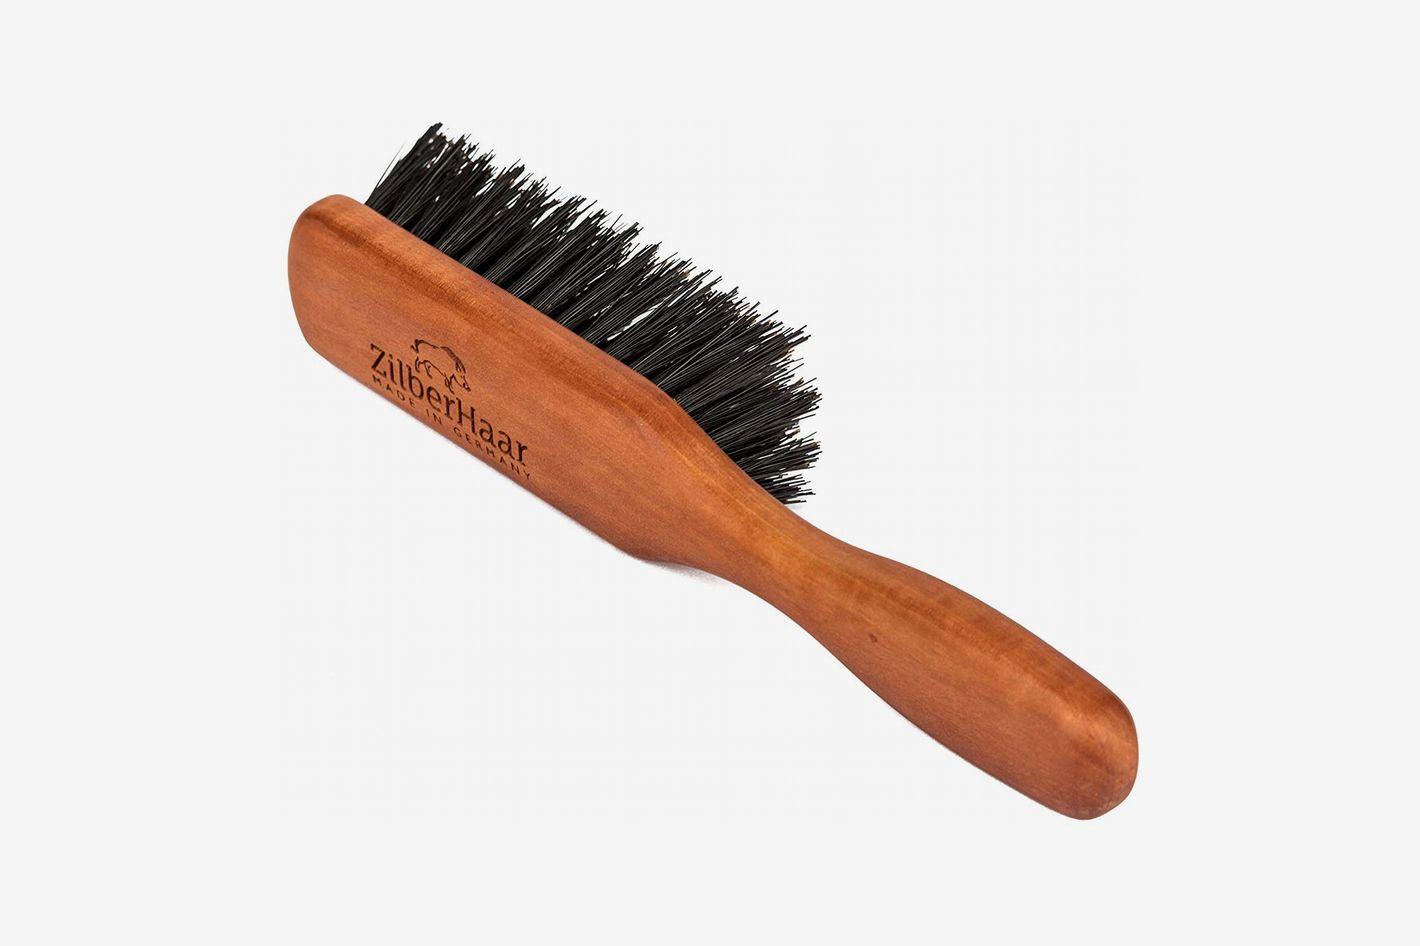 Zilberhaar Boars Hair Beard Brush